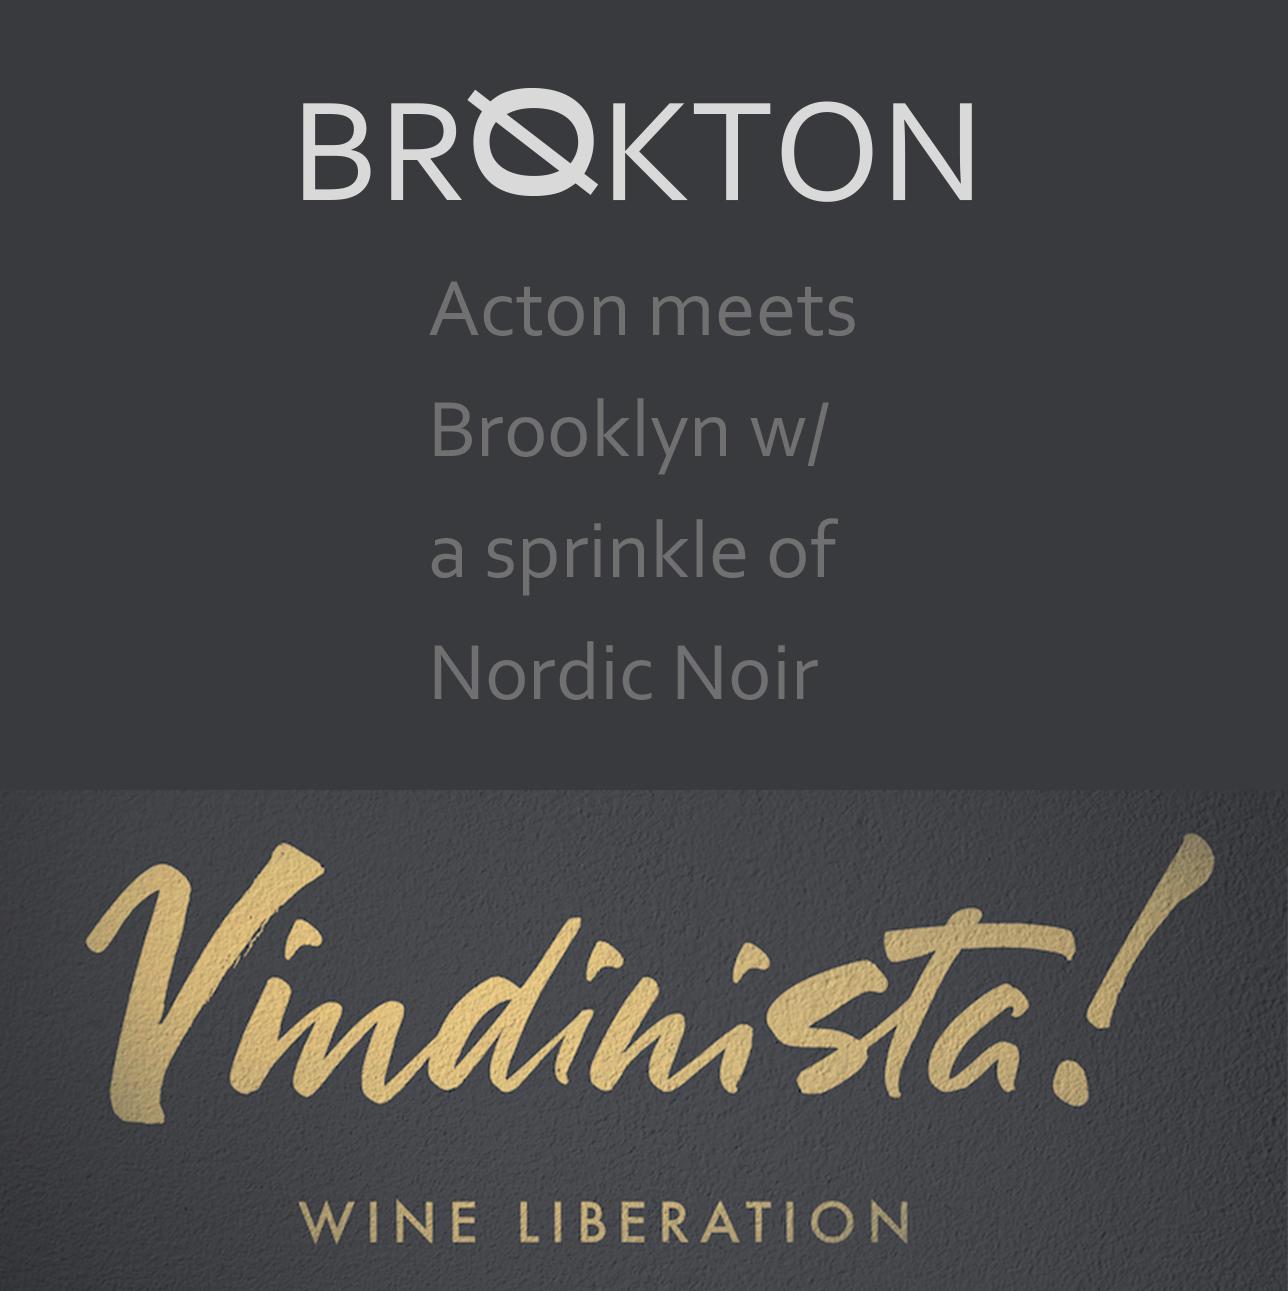 BRØKTON EVENT